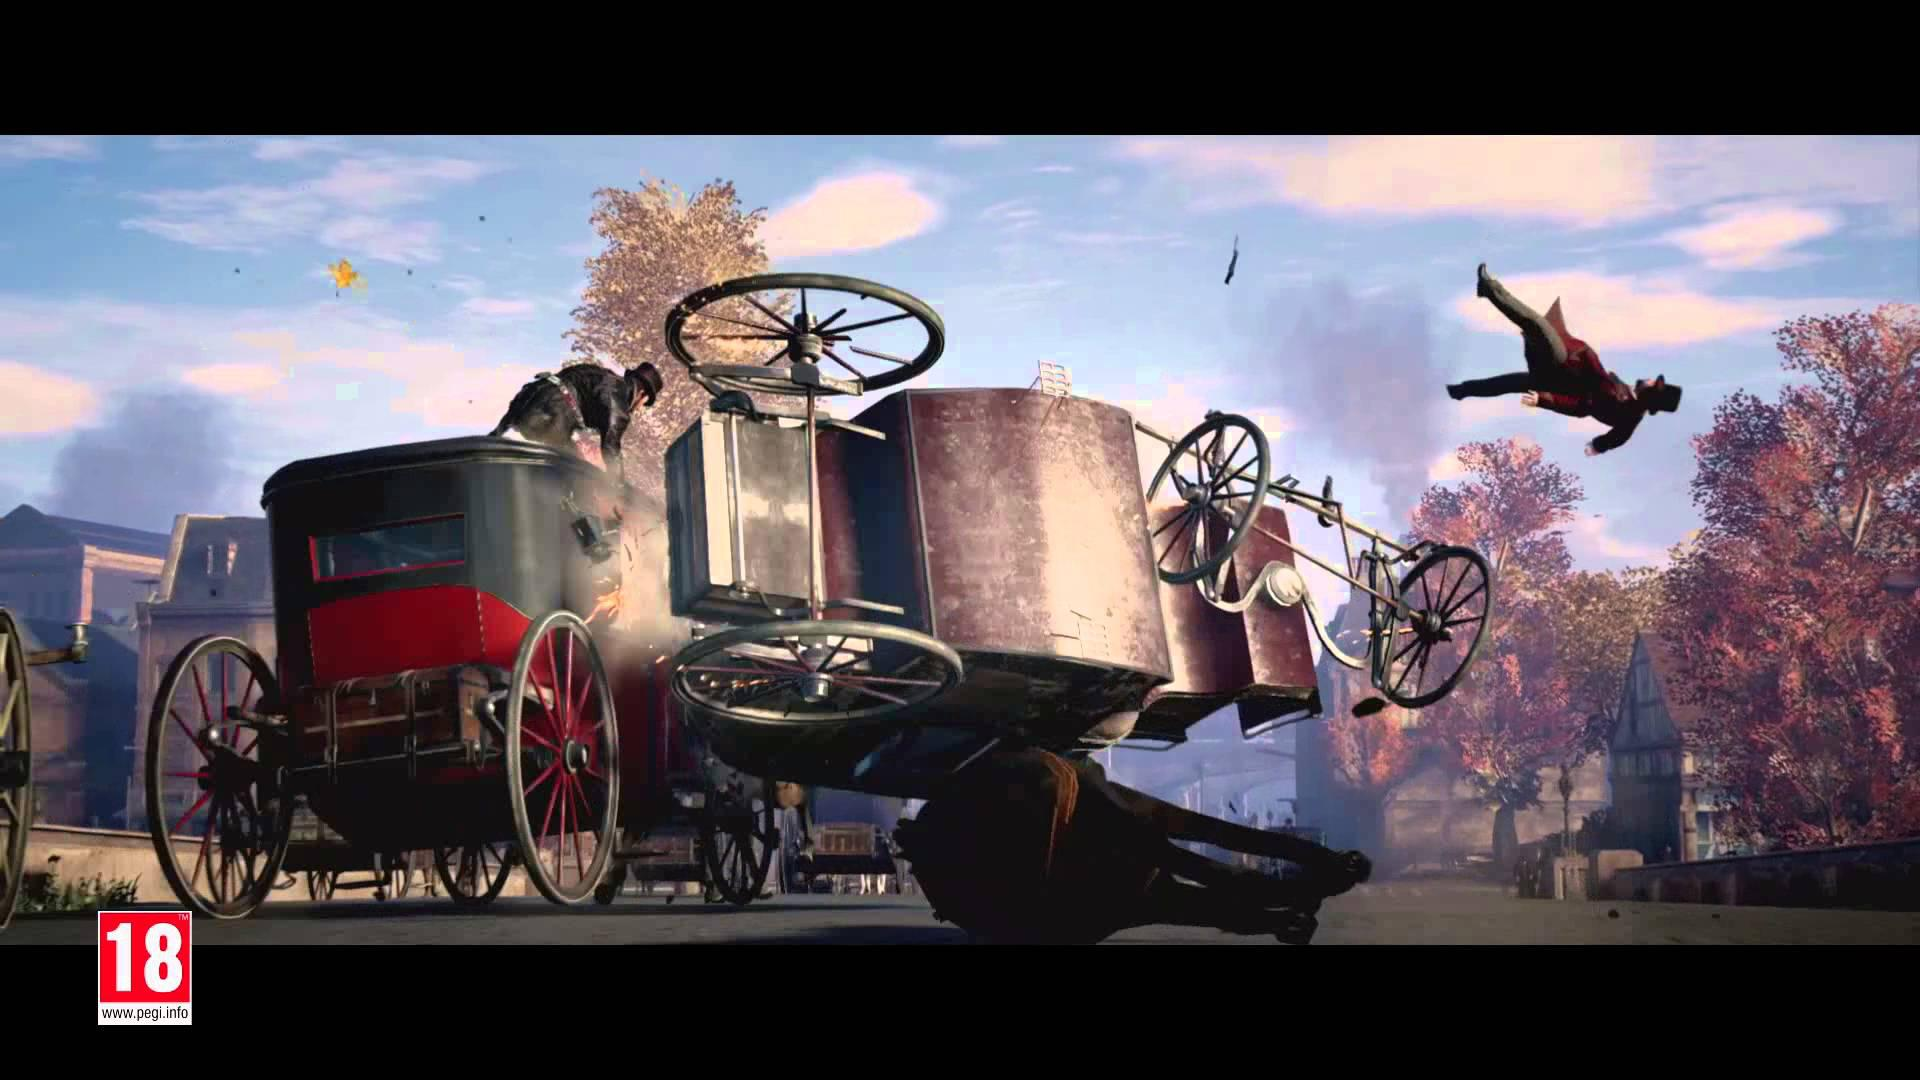 Trailer de lansare Jacob Frye pentru Assassin's Creed: Syndicate